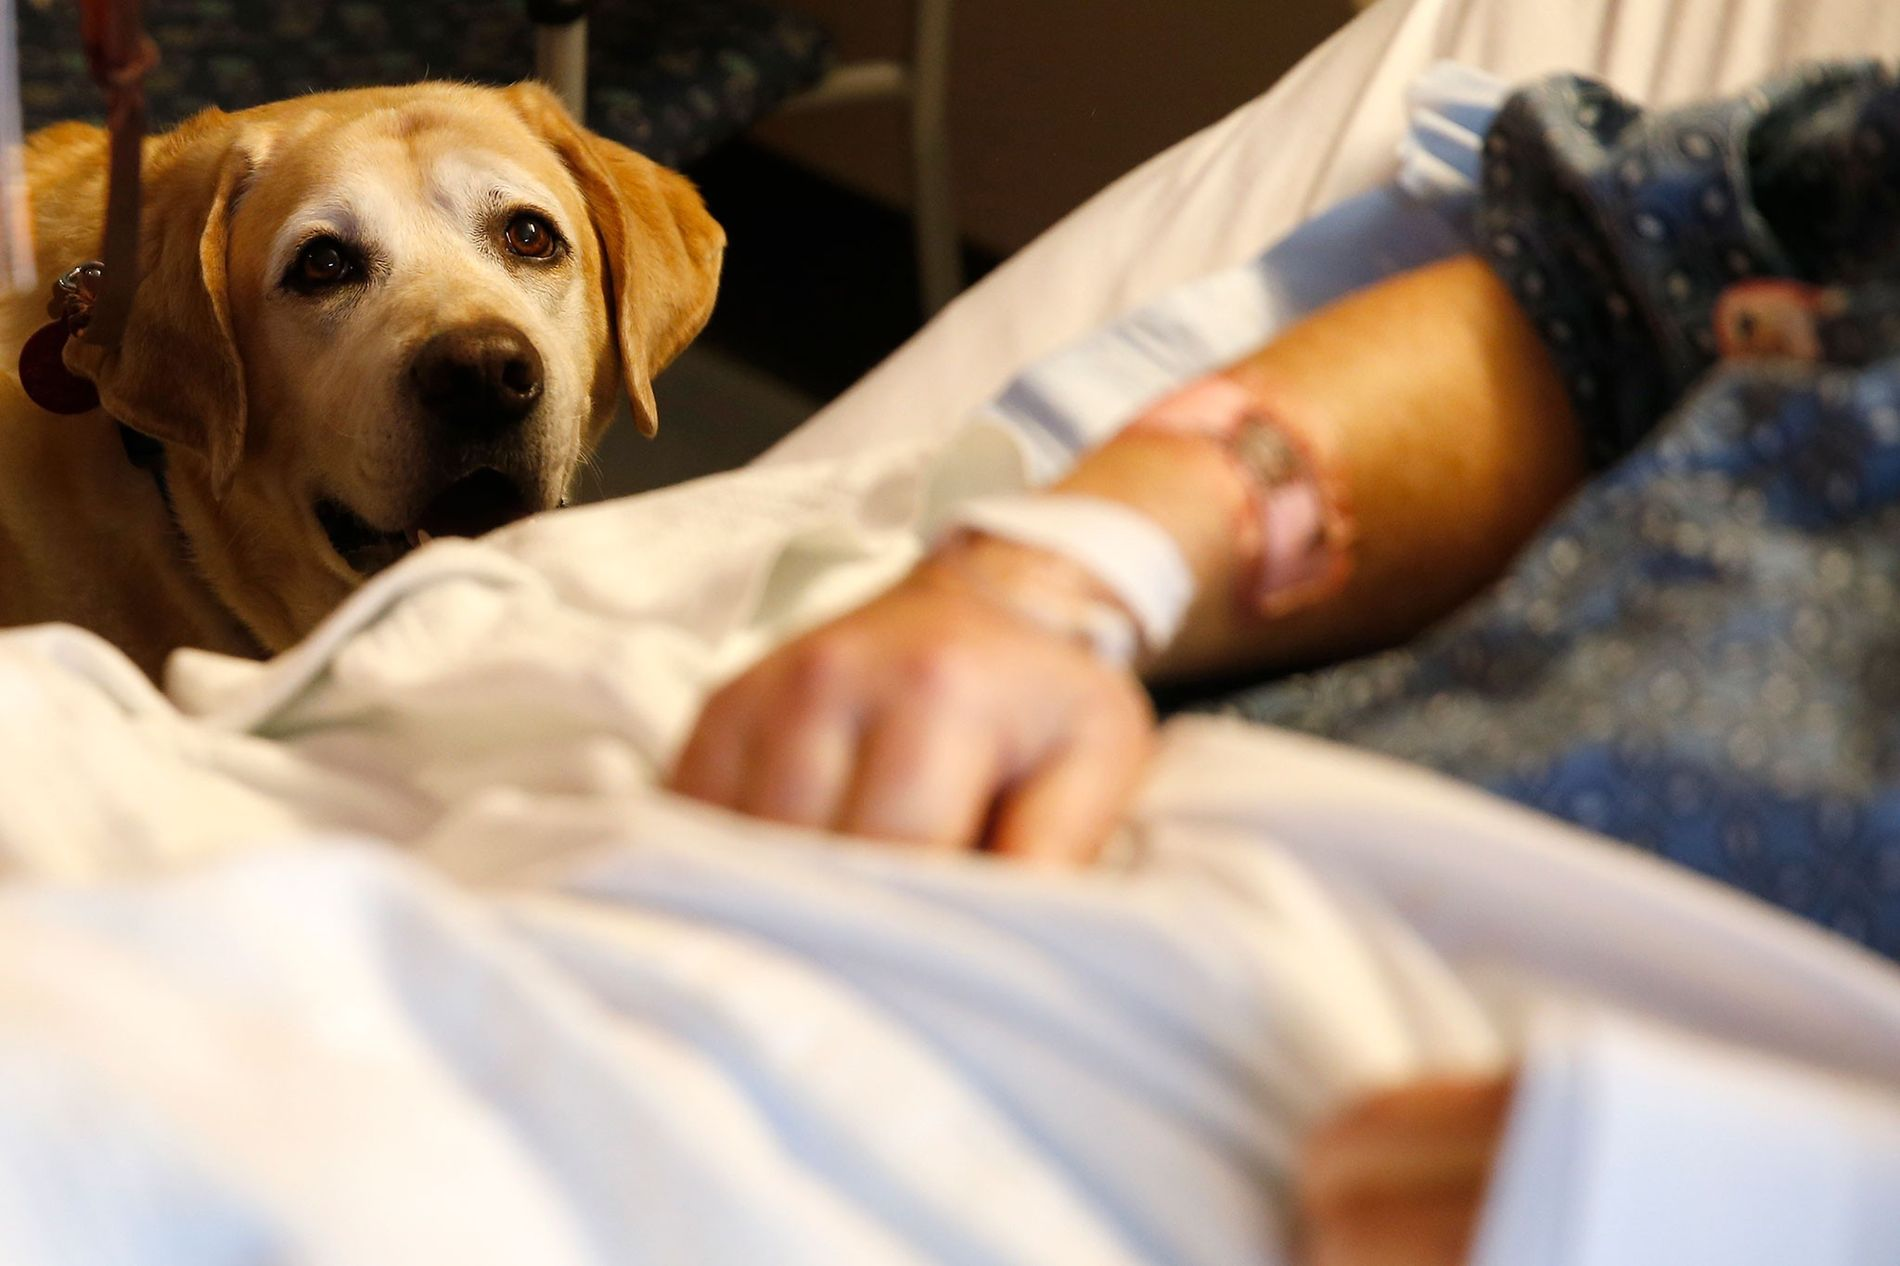 Un perro terapéutico llamado Tucker visita al paciente Jim Cawley en el Massachusetts General Hospital (Hospital General de Massachusetts) en Boston, el 6 de marzo de 2018.